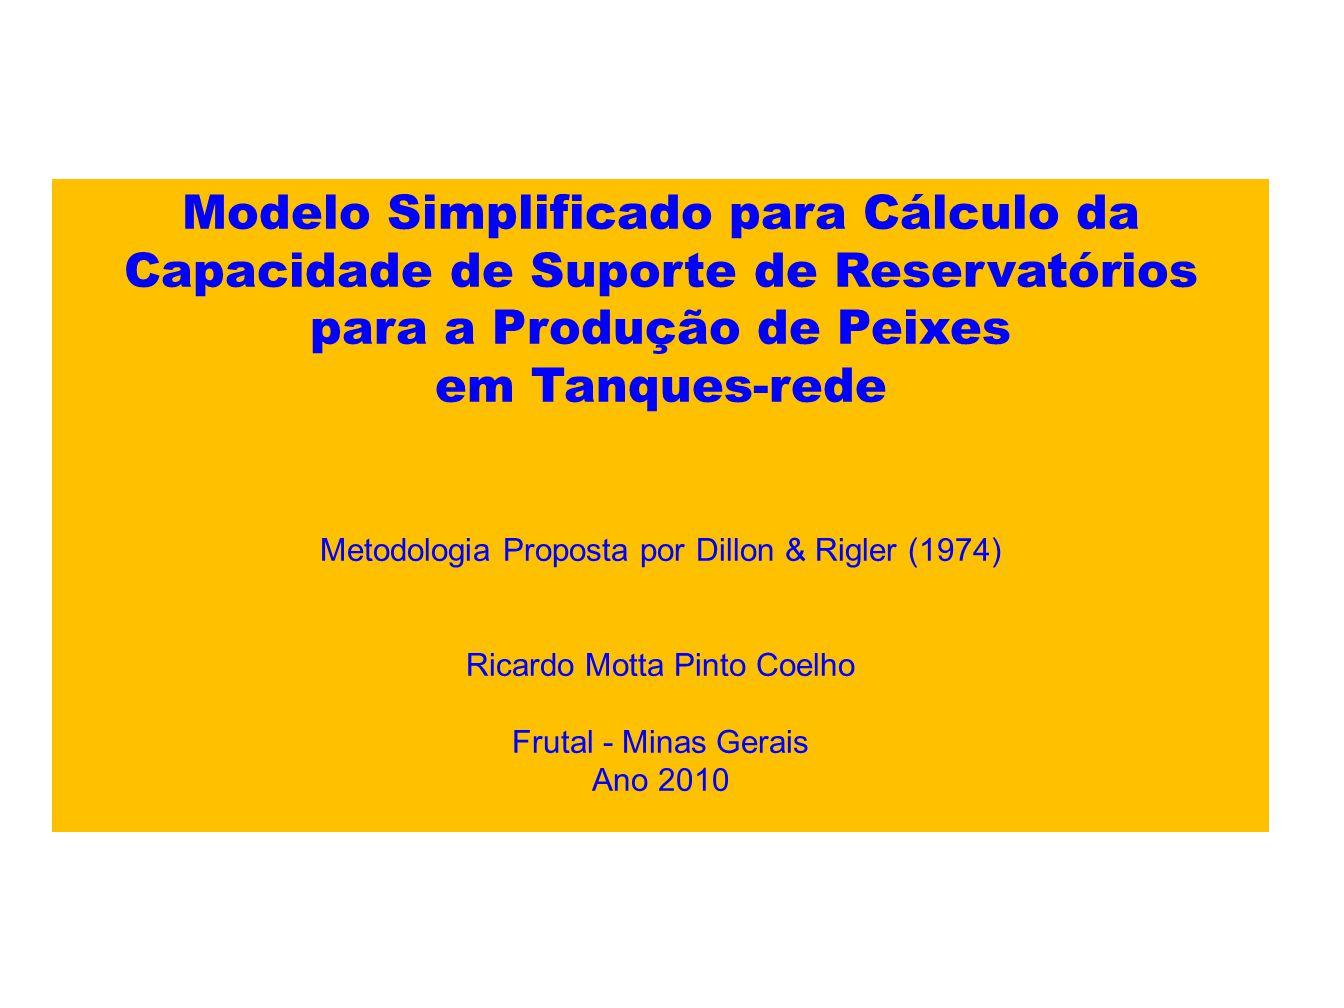 Modelo Simplificado para Cálculo da Capacidade de Suporte de Reservatórios para a Produção de Peixes em Tanques-rede Metodologia Proposta por Dillon &